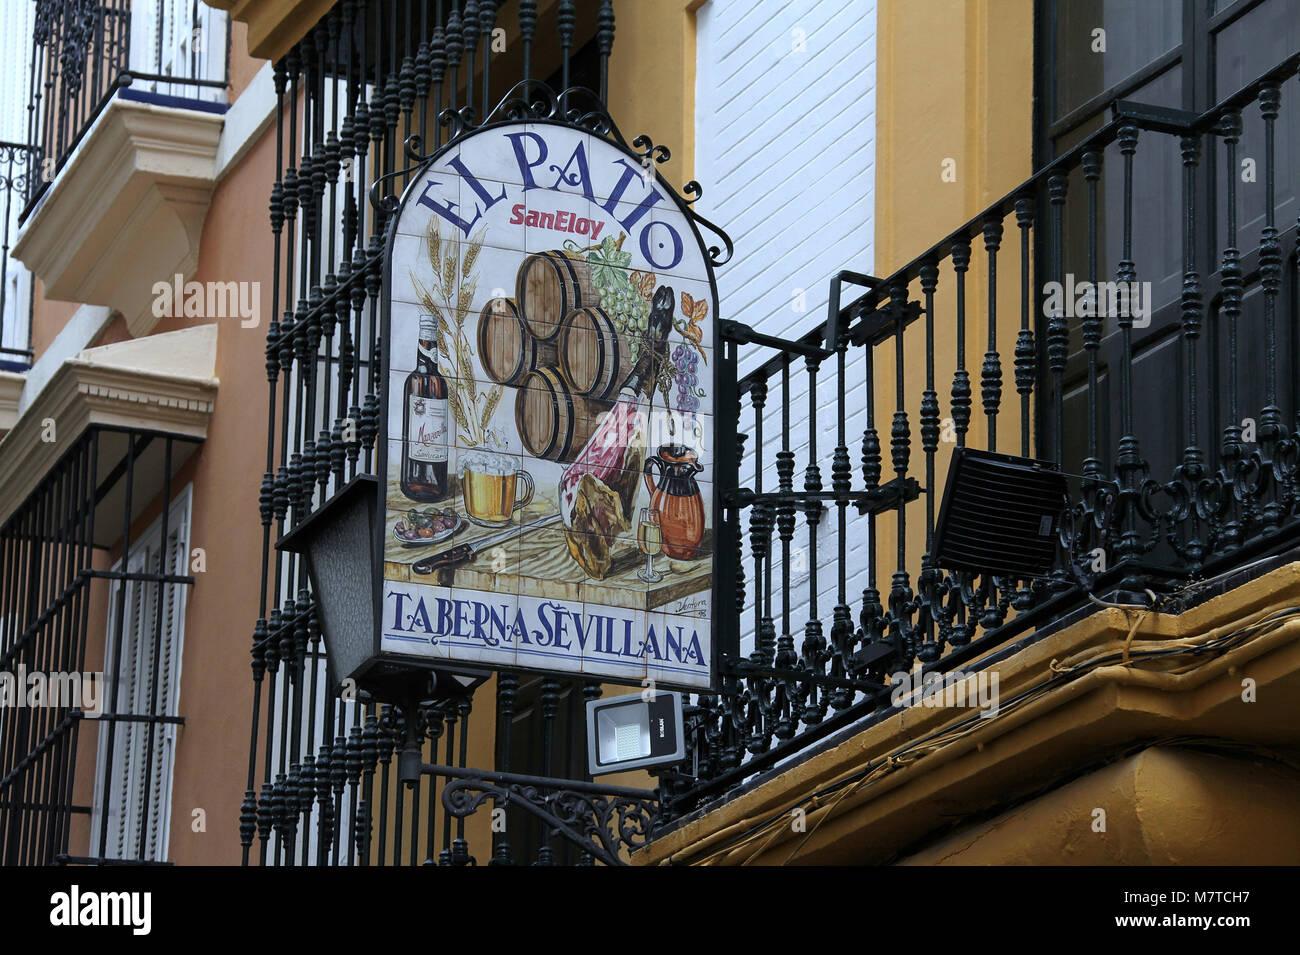 Patio San Eloy En Sevilla Foto Imagen De Stock 176943011 Alamy